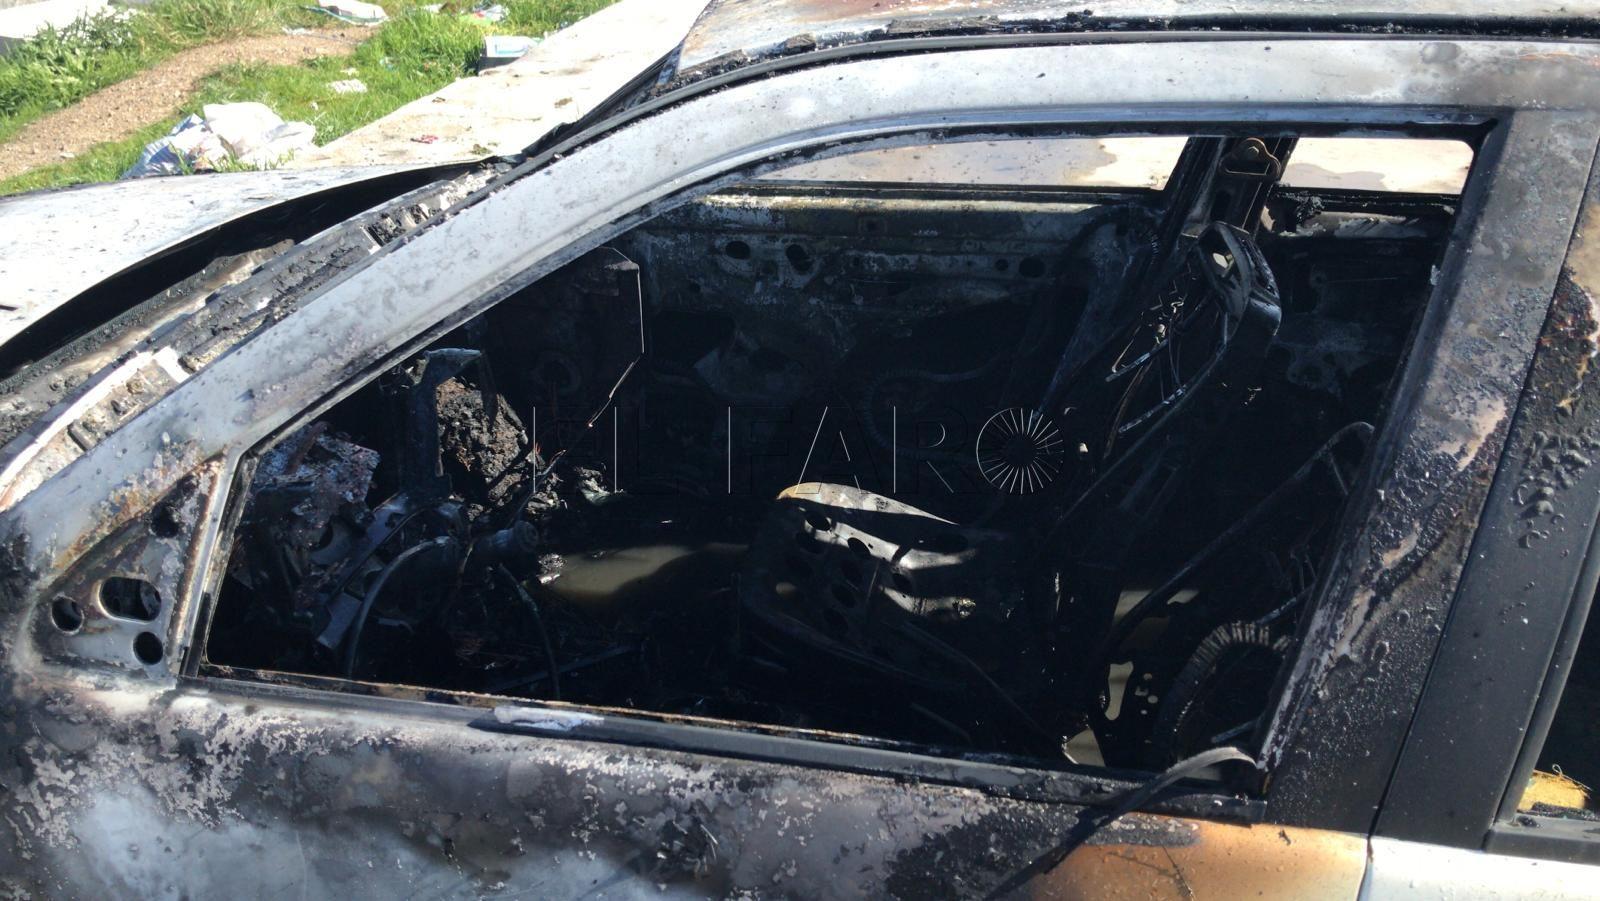 vehiculo-quemado-bomberos-aparcamiento-loma-colmenar-3